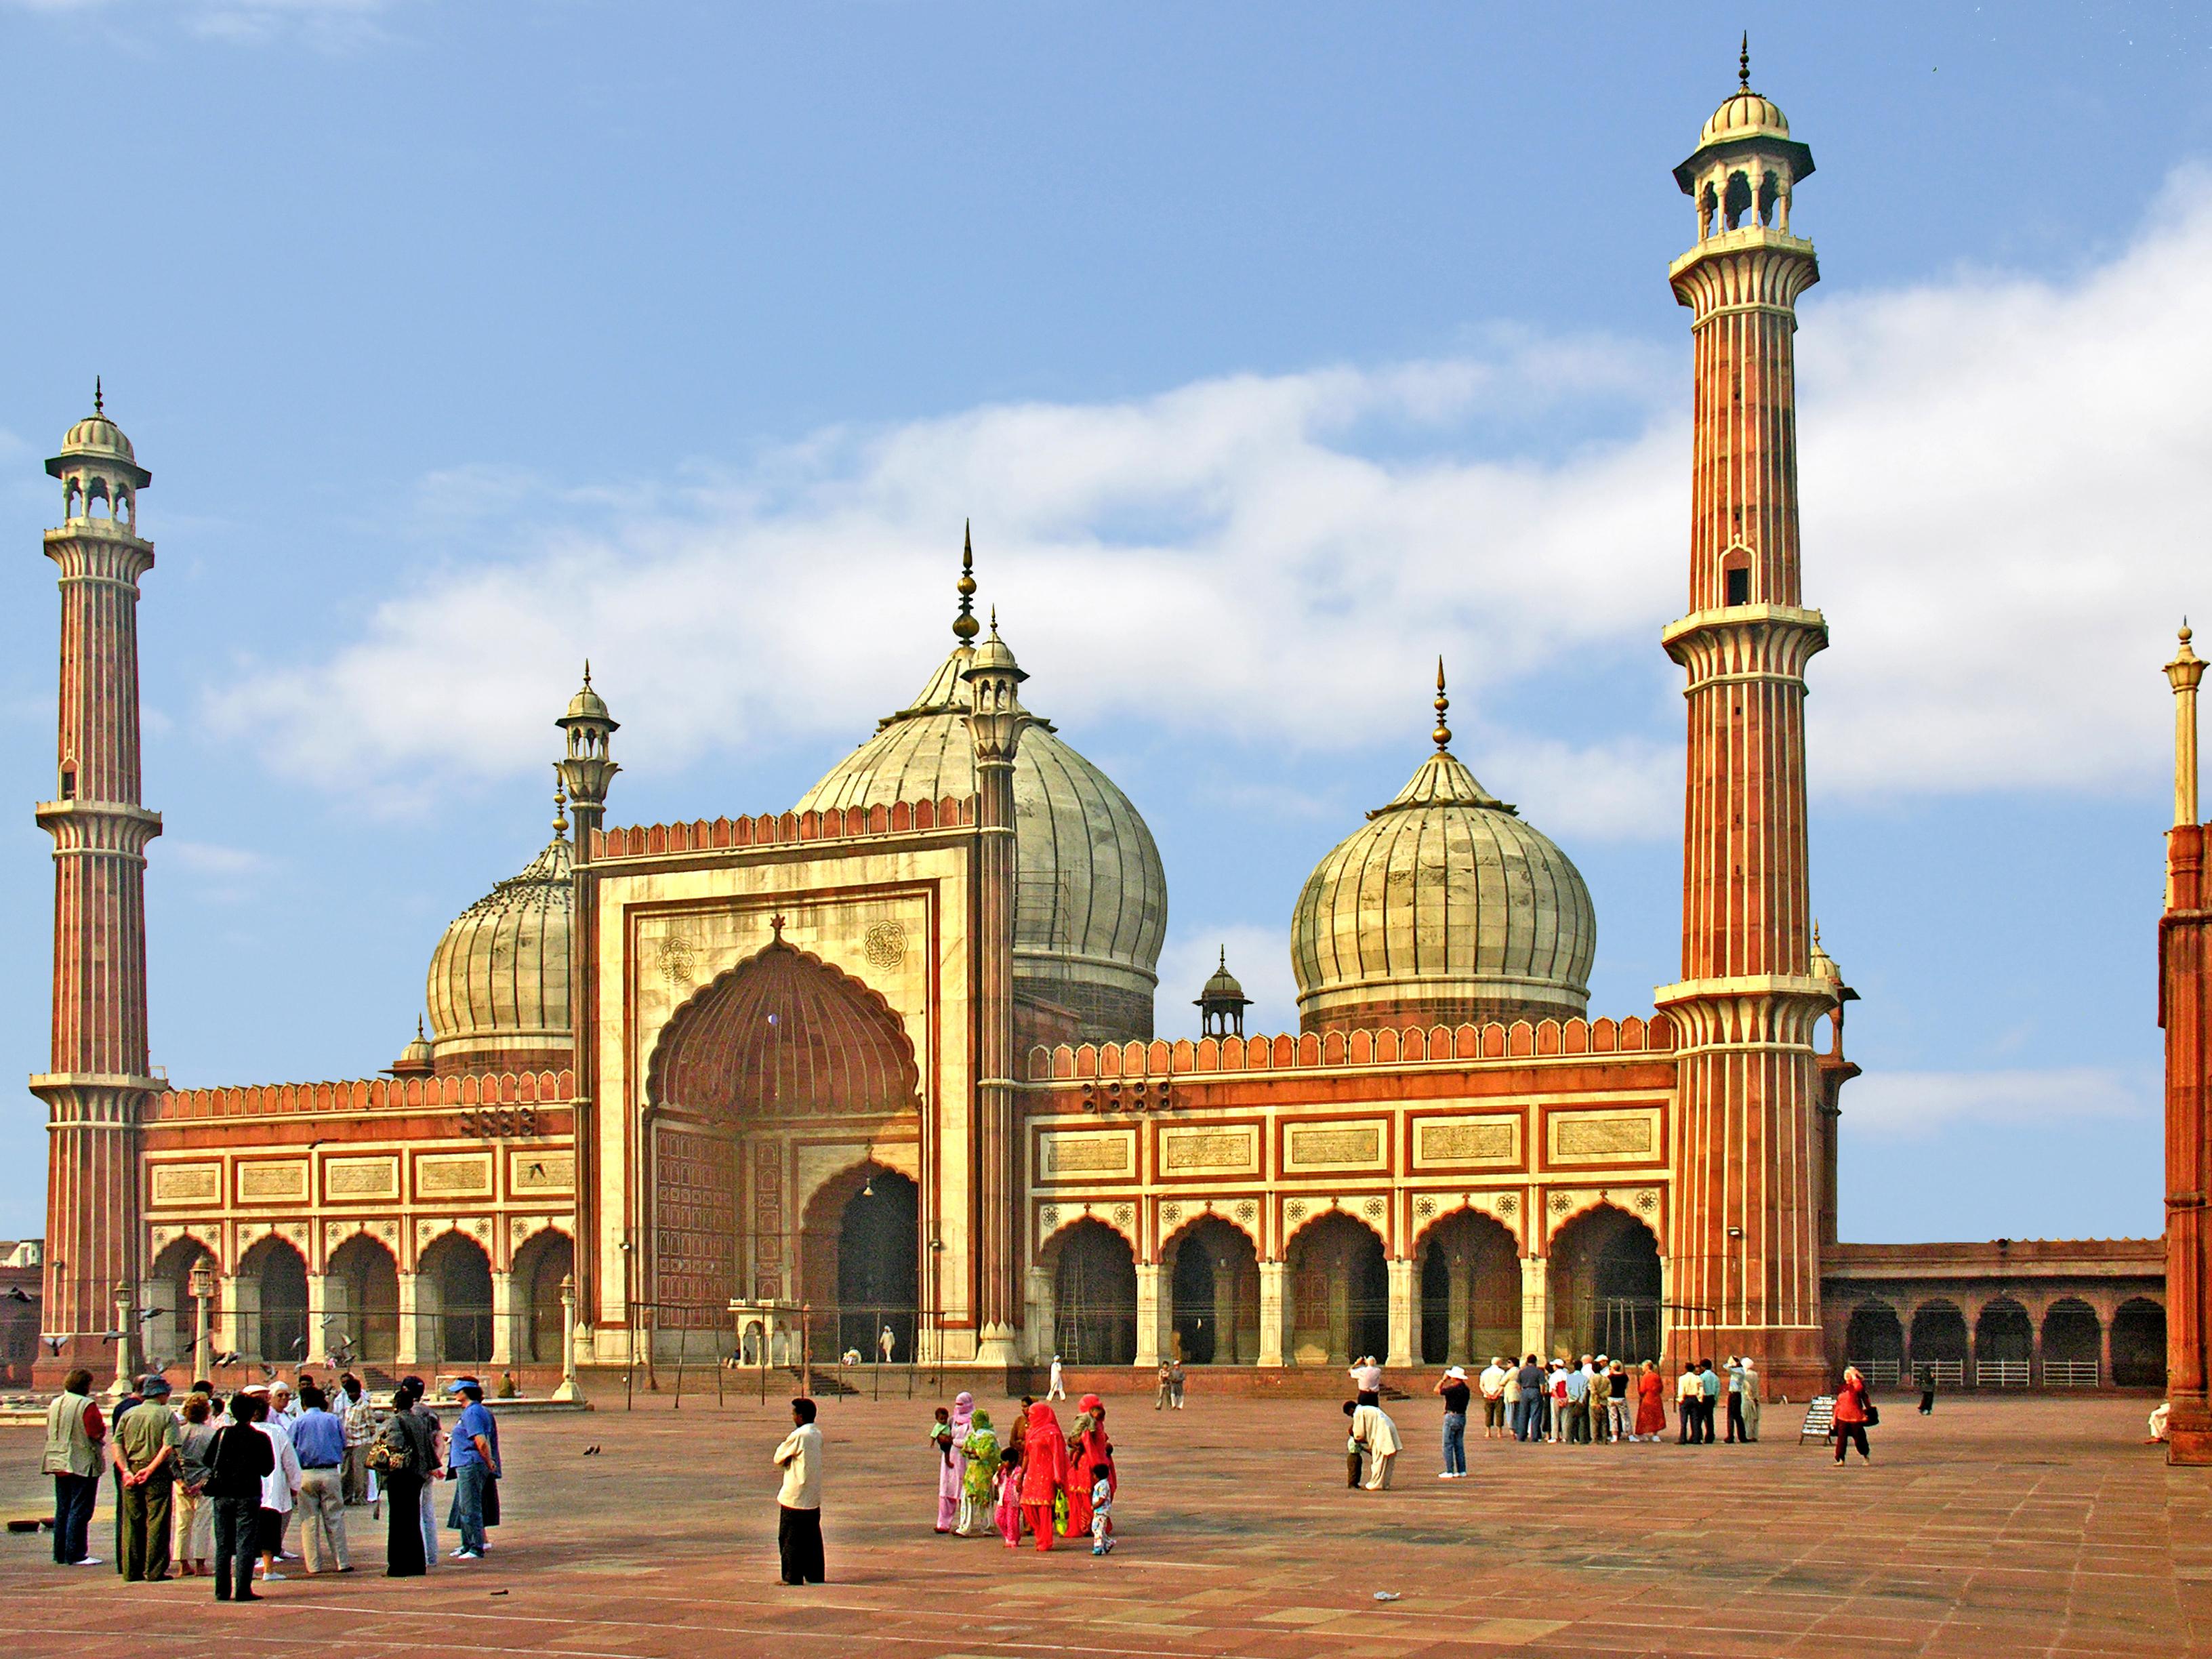 Jama Masjid, Delhi built by Shah Jahan, 1656.